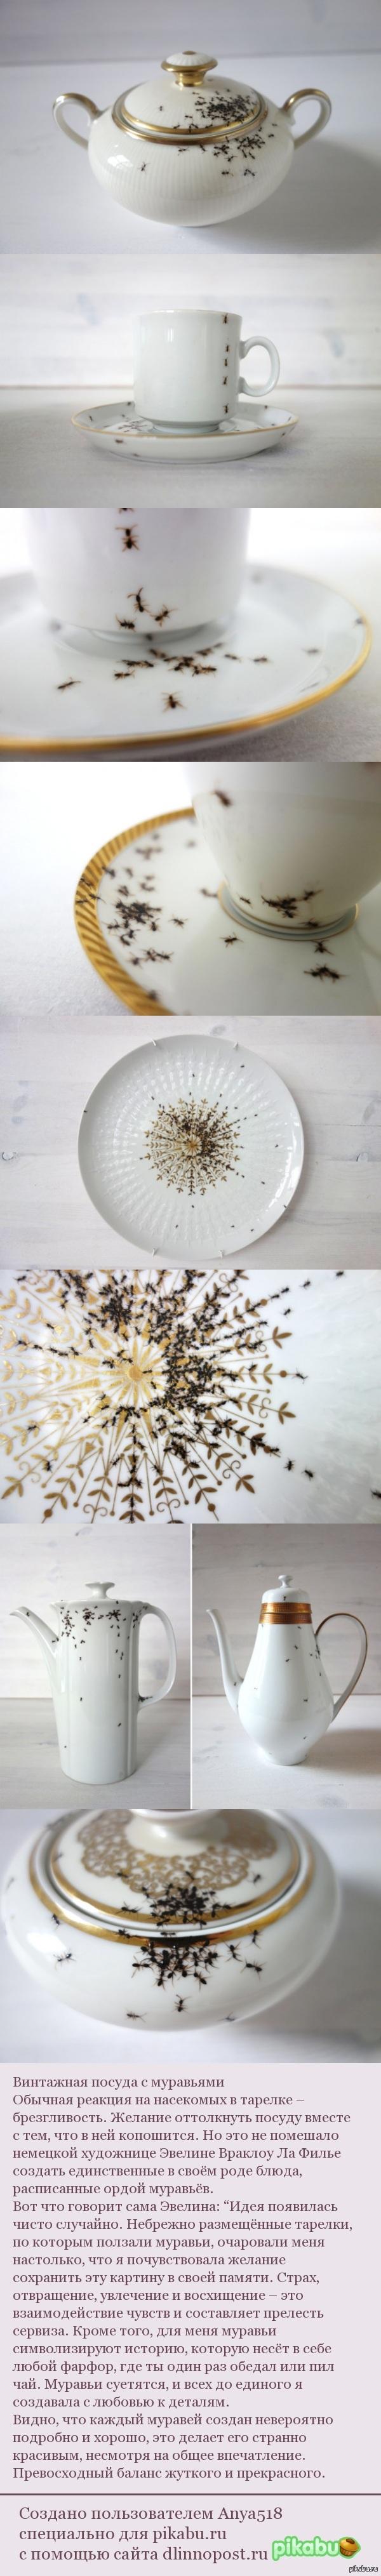 Винтажная посуда с муравьями. Сама бы я побоялась есть и пить из такого.  посуда, винтаж, Муравьи, Насекомые, длиннопост